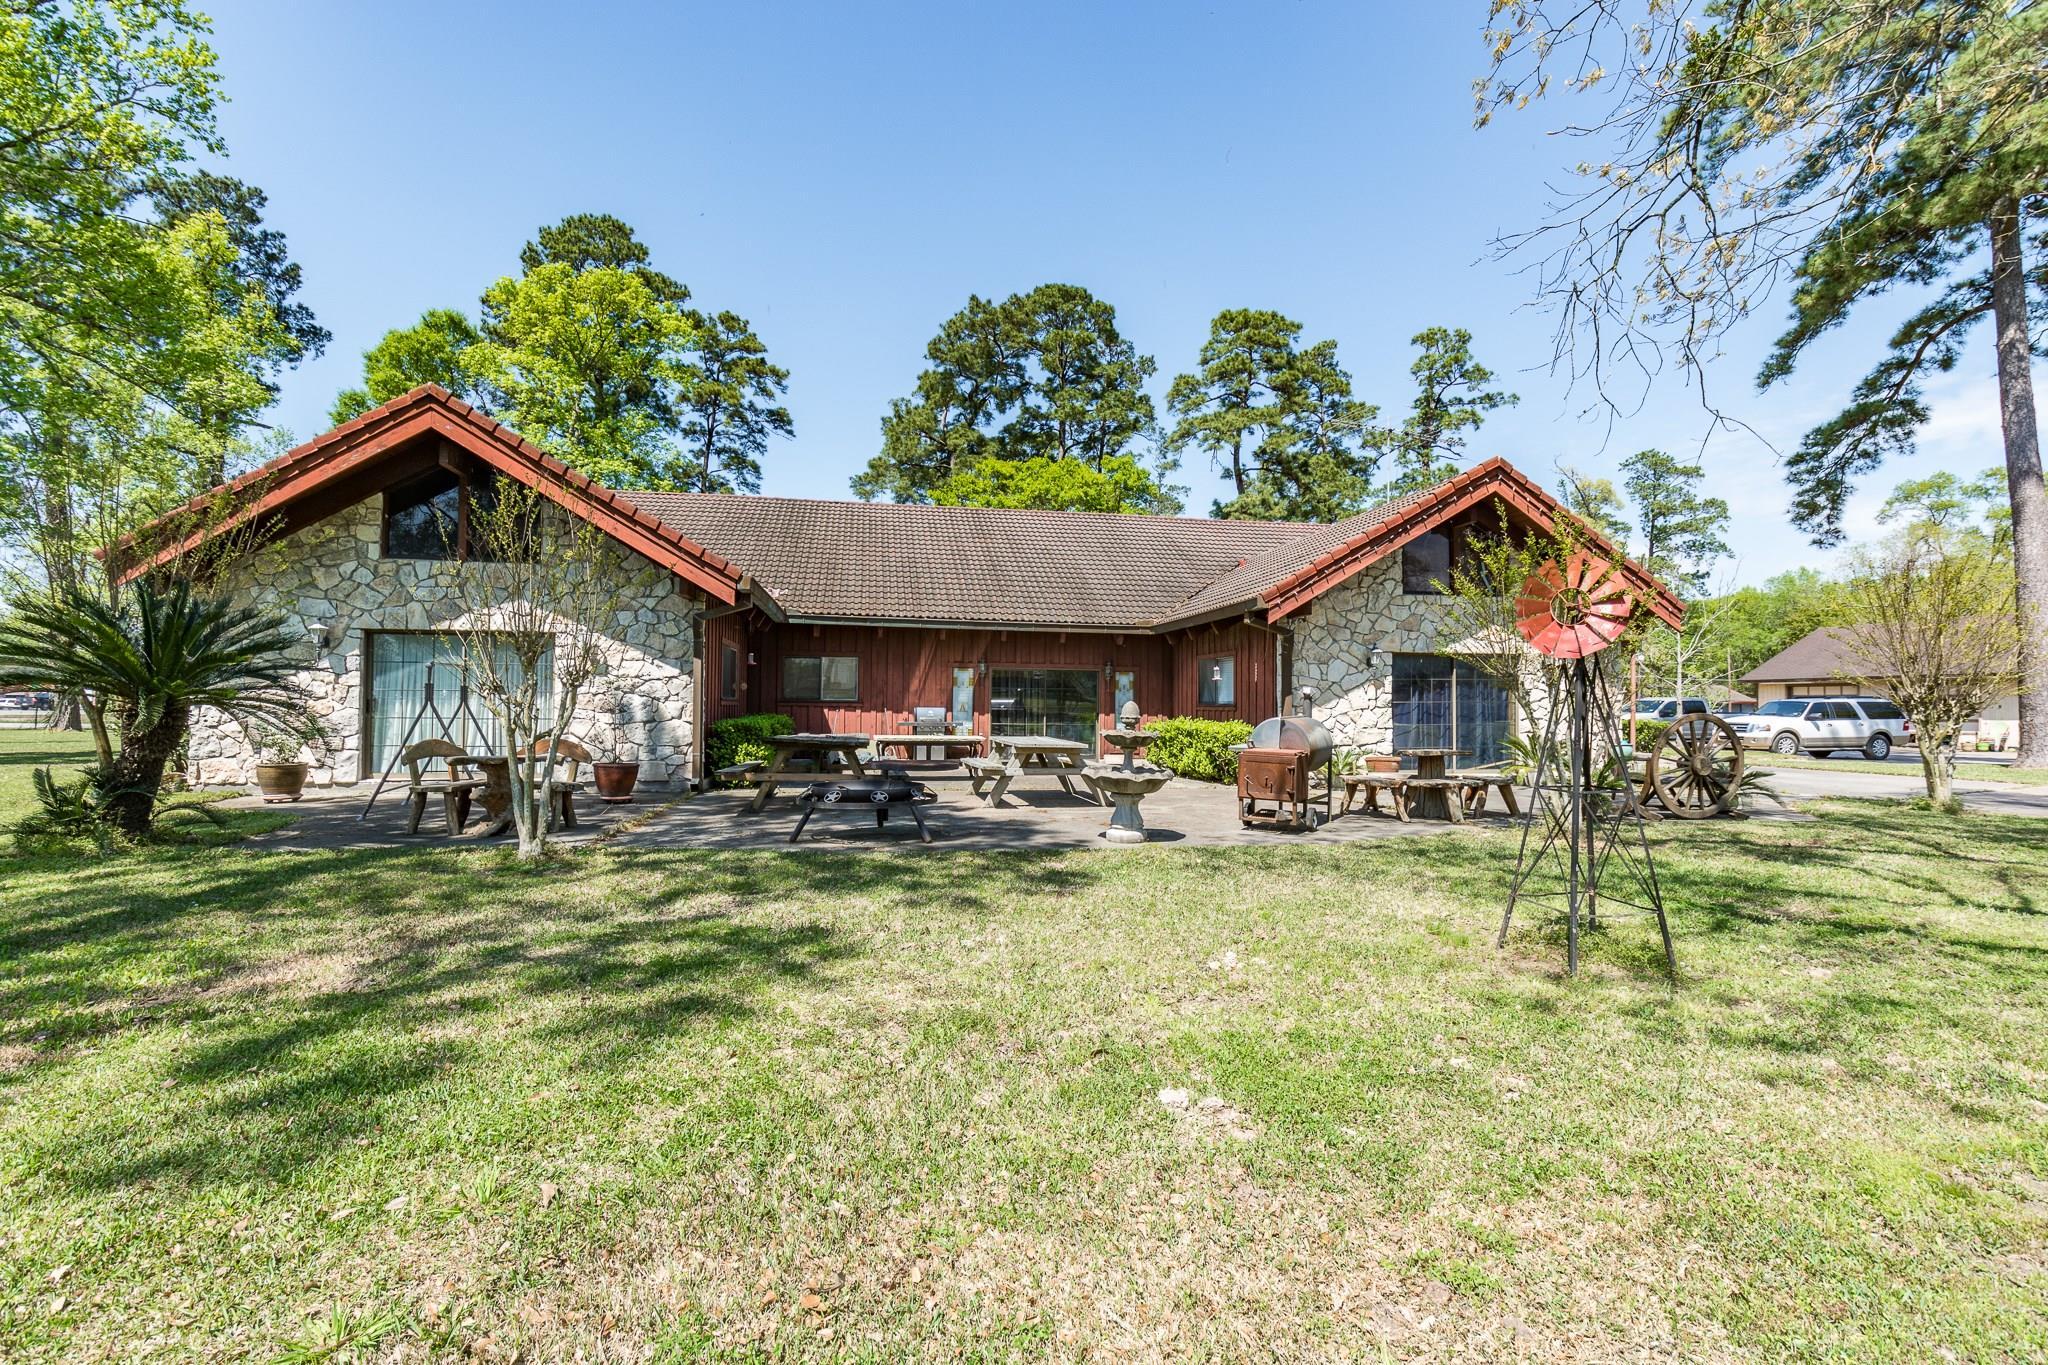 23487 W Fm 1314 Lane Property Photo